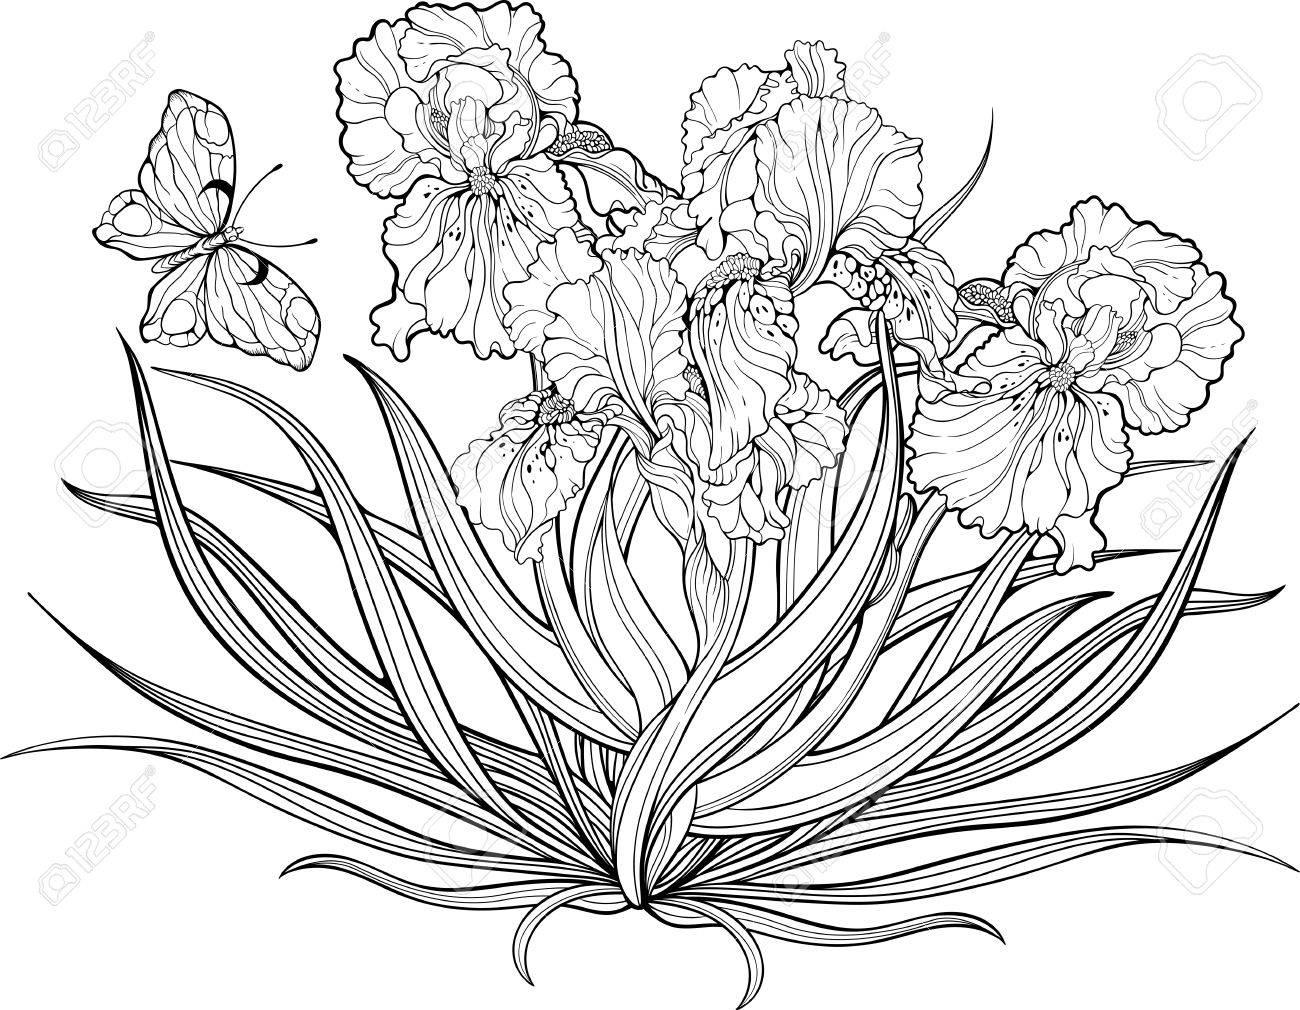 Groß Frühlingsblumen Und Schmetterlinge Malvorlagen Galerie - Entry ...